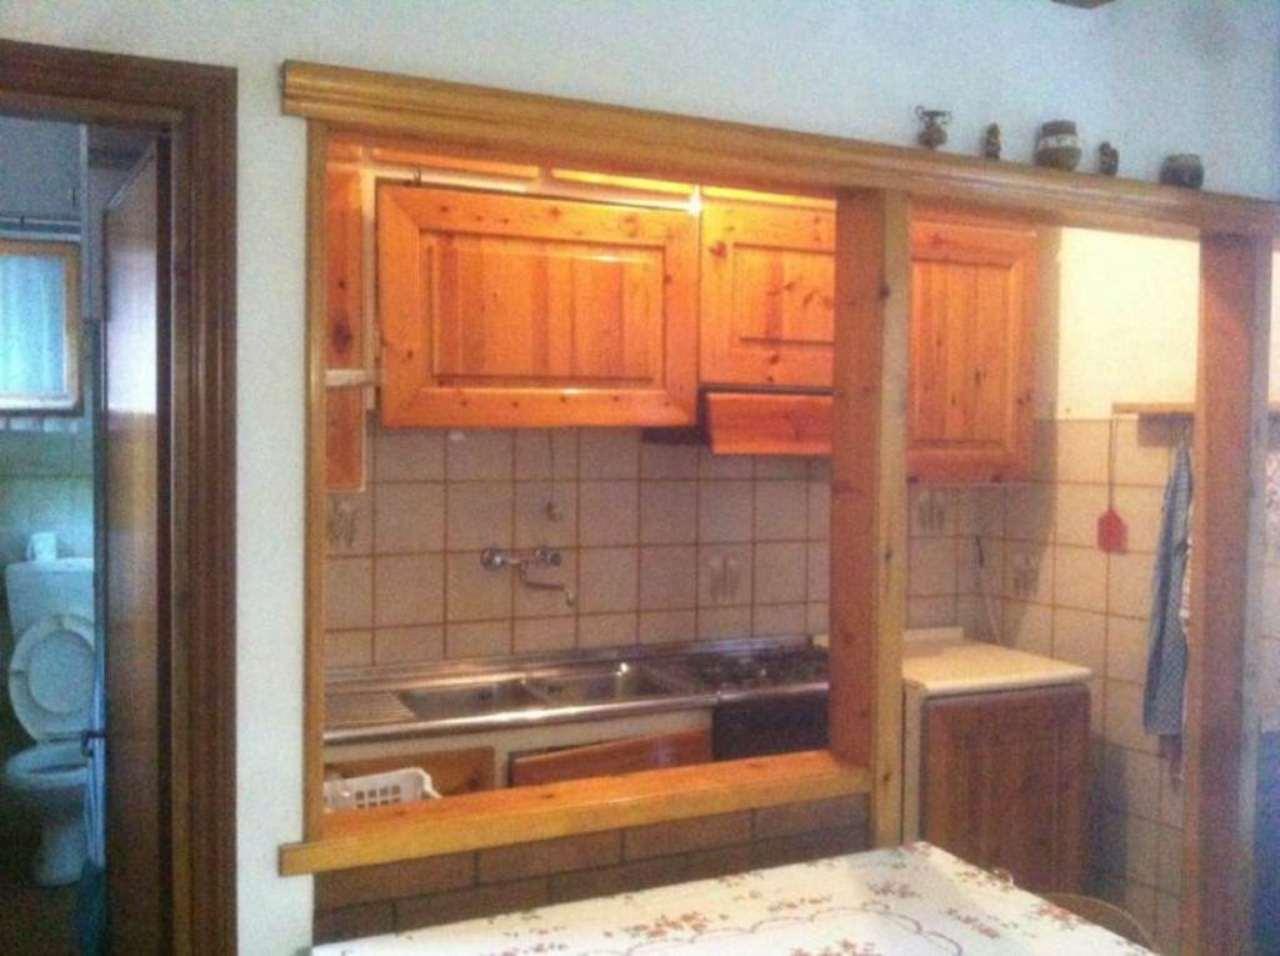 Palazzo / Stabile in vendita a Mercato Saraceno, 3 locali, prezzo € 70.000 | CambioCasa.it